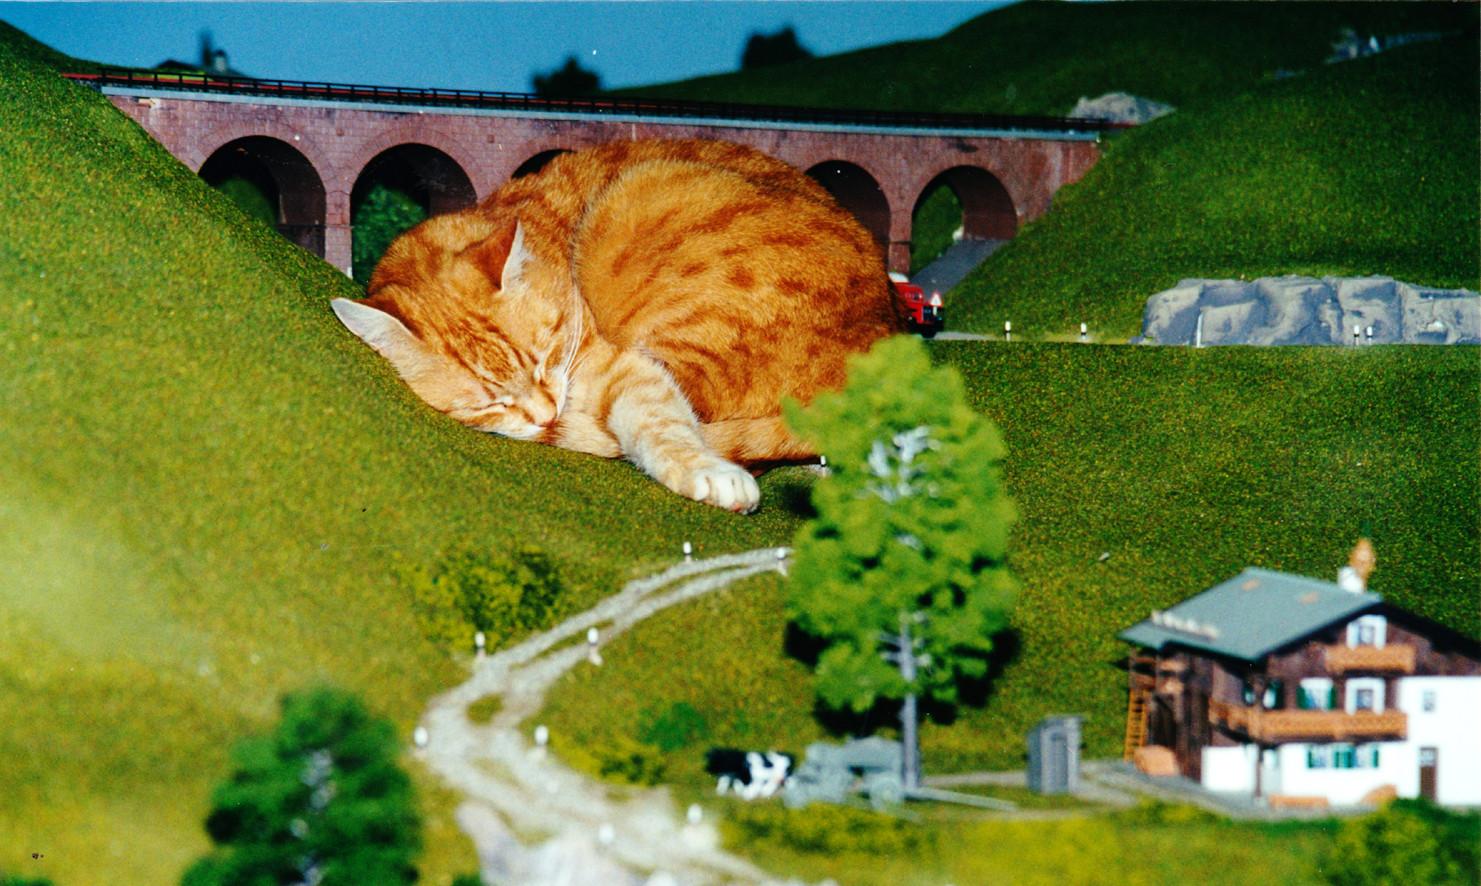 """Unsere Katze """"Samy"""" besuchte zu Lebzeiten oft meine MoBa und schlief am liebsten auf meinem Drehstuhl (mit Kissen) oder auf dieser Bergwiese. Bei ihren Erkundungen quetschte sie sich manchmal auch durch 2-gleisige Tunnelportale mit Oberleitung"""